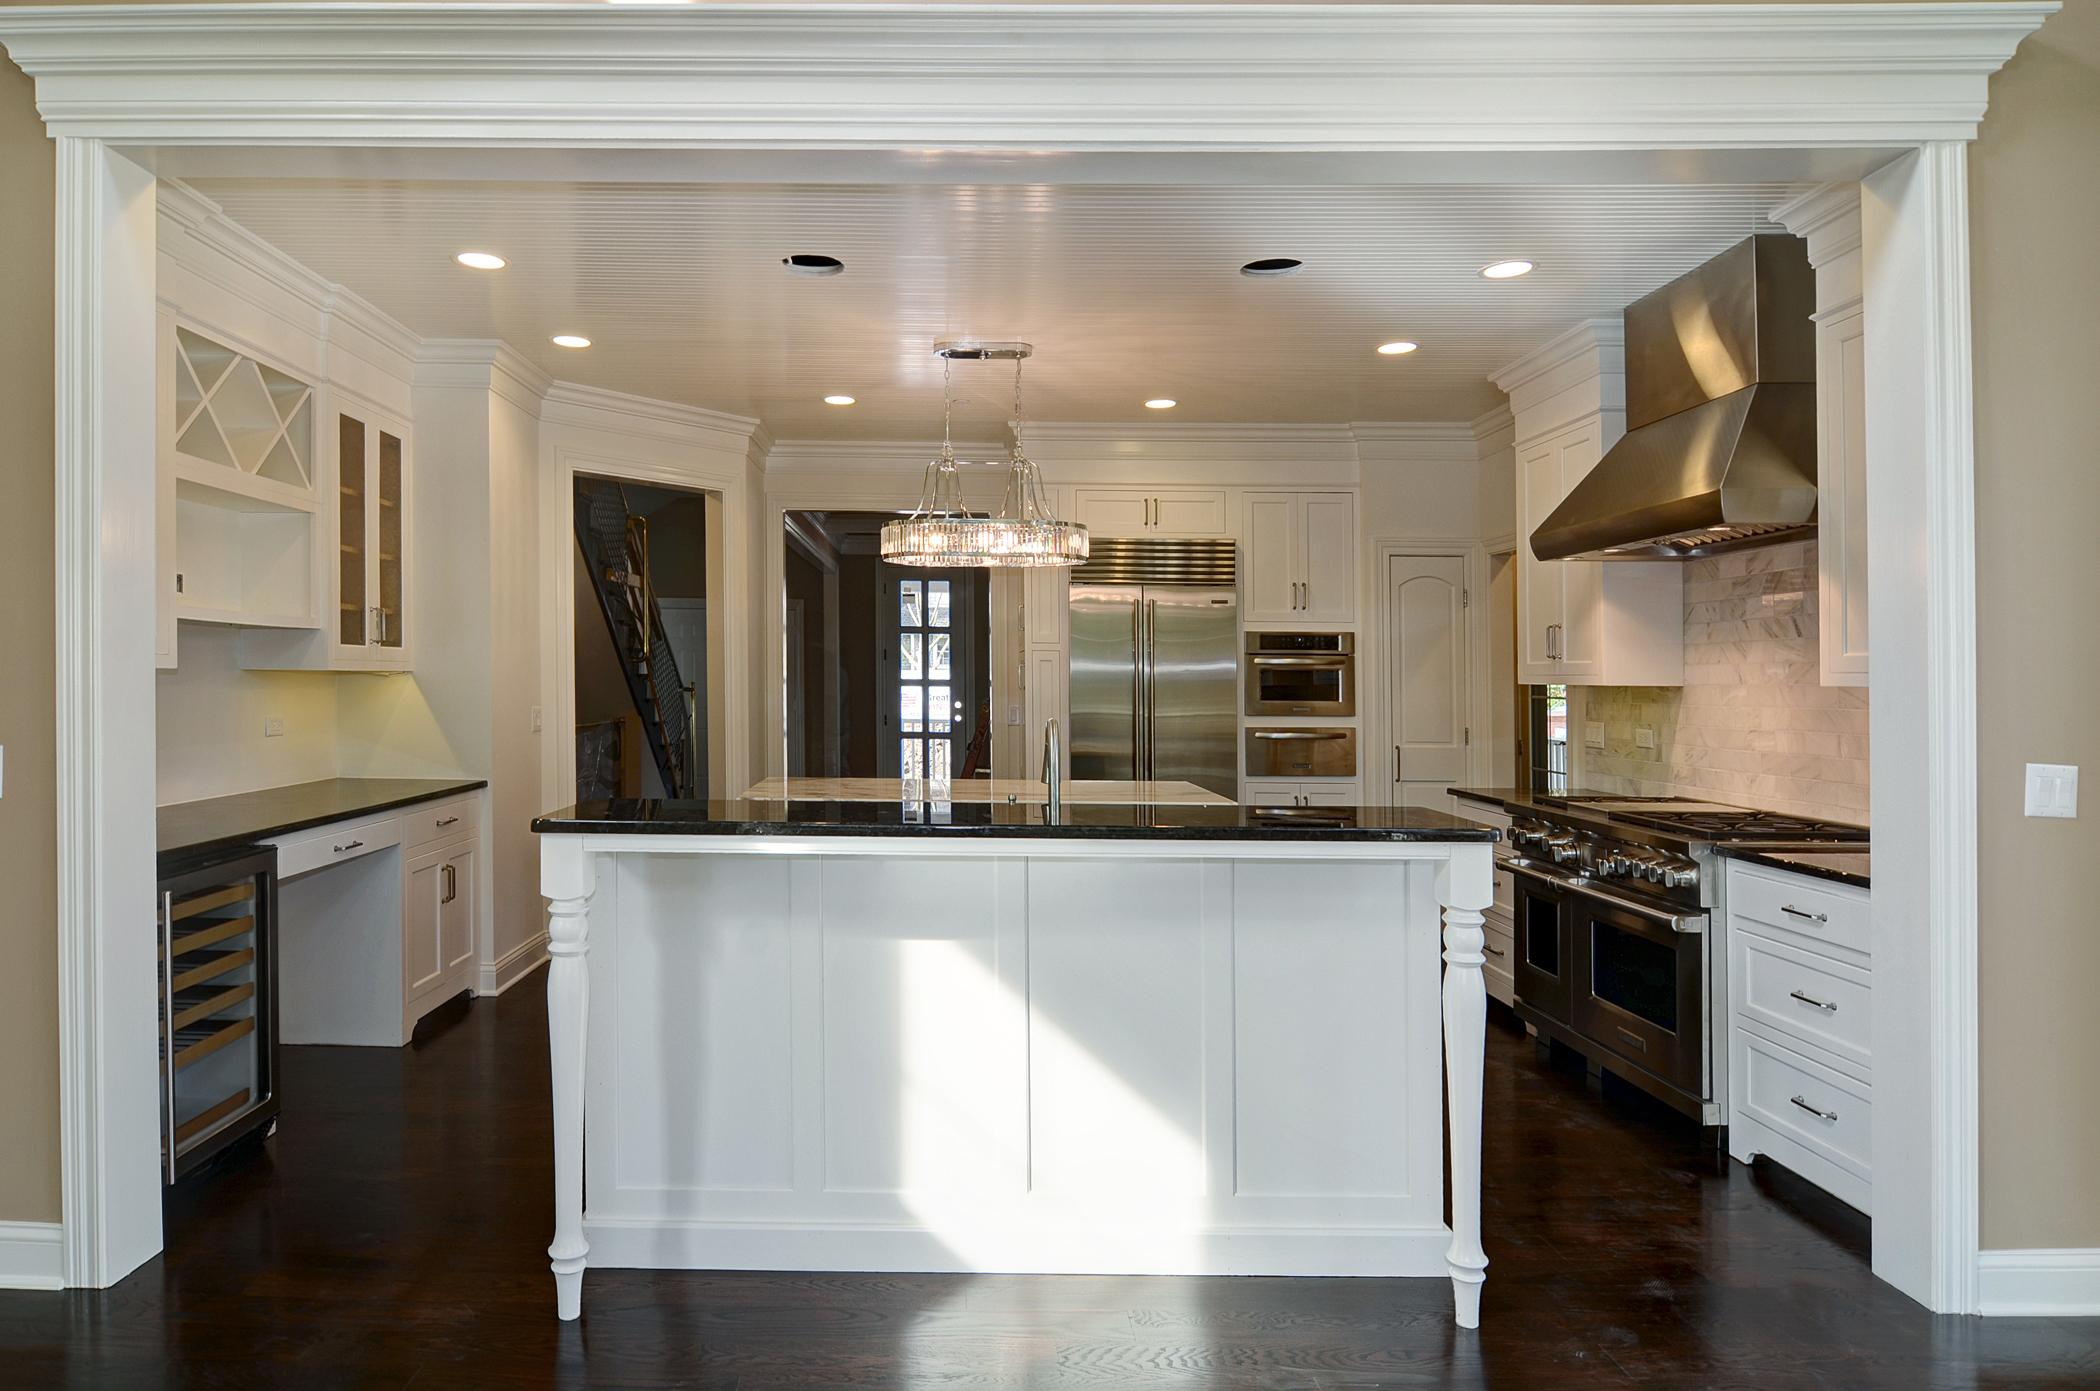 Rite-Way Kitchen with Breakfast Bar